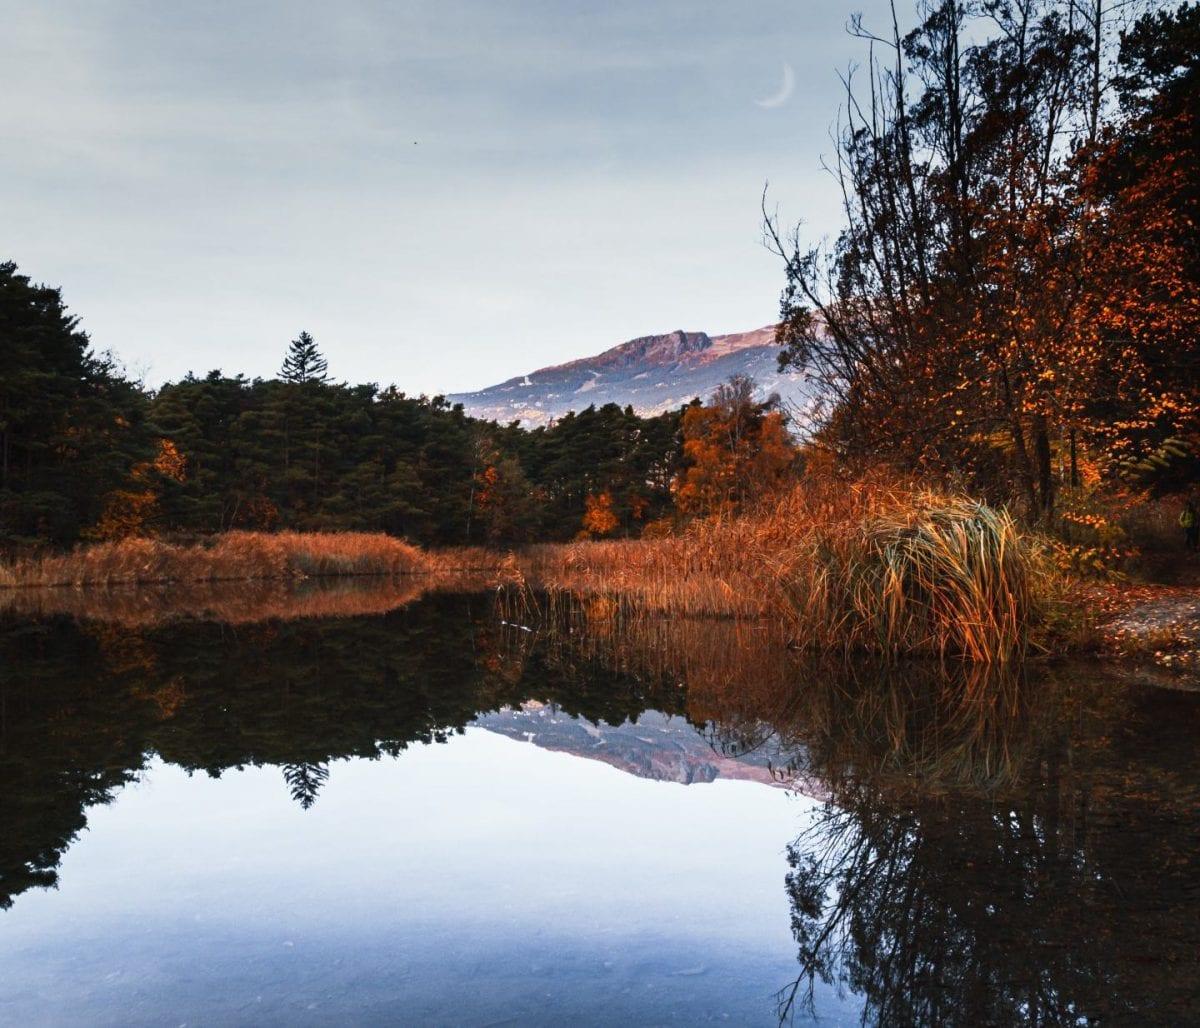 Weiher im Naturpark Pfynwald im Wallis, Schweiz